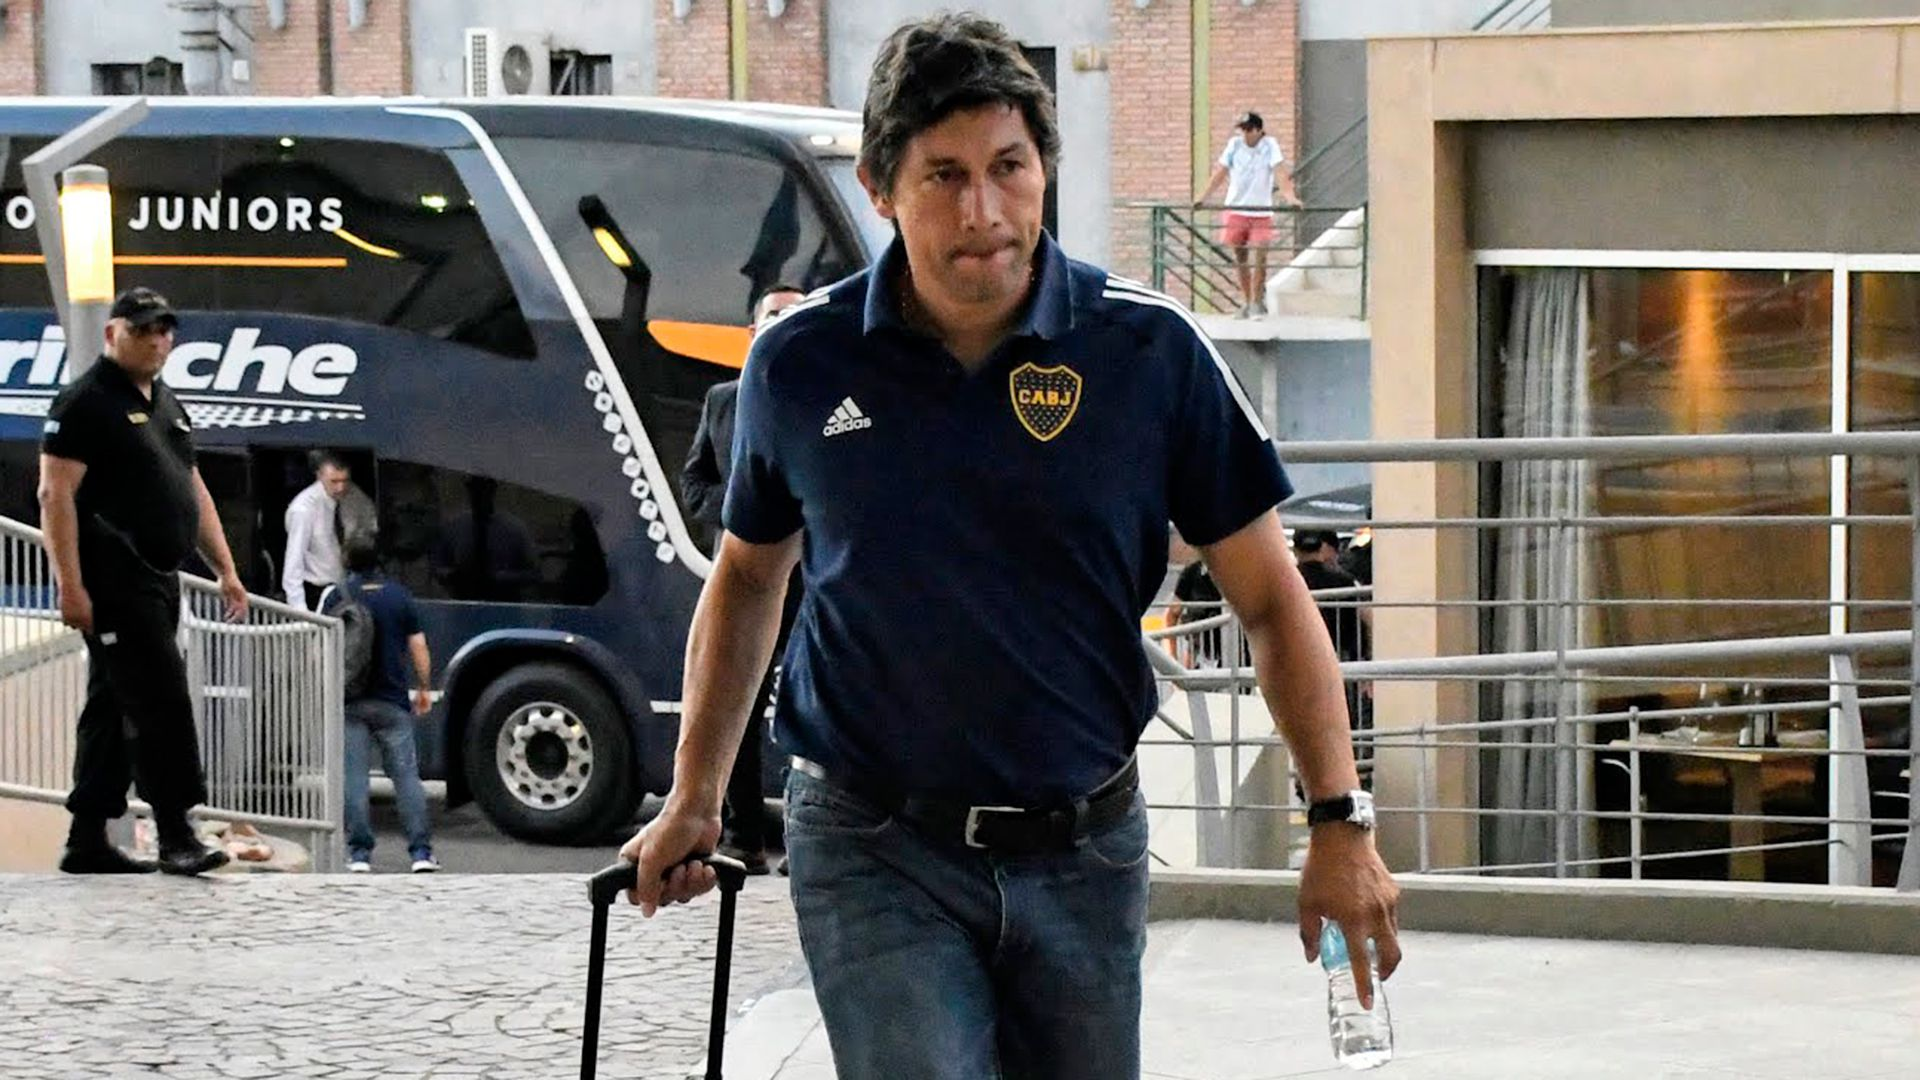 El Patrón Bermúdez es parte del Consejo de Fútbol que lidera Juan Román Riquelme (Foto Baires)